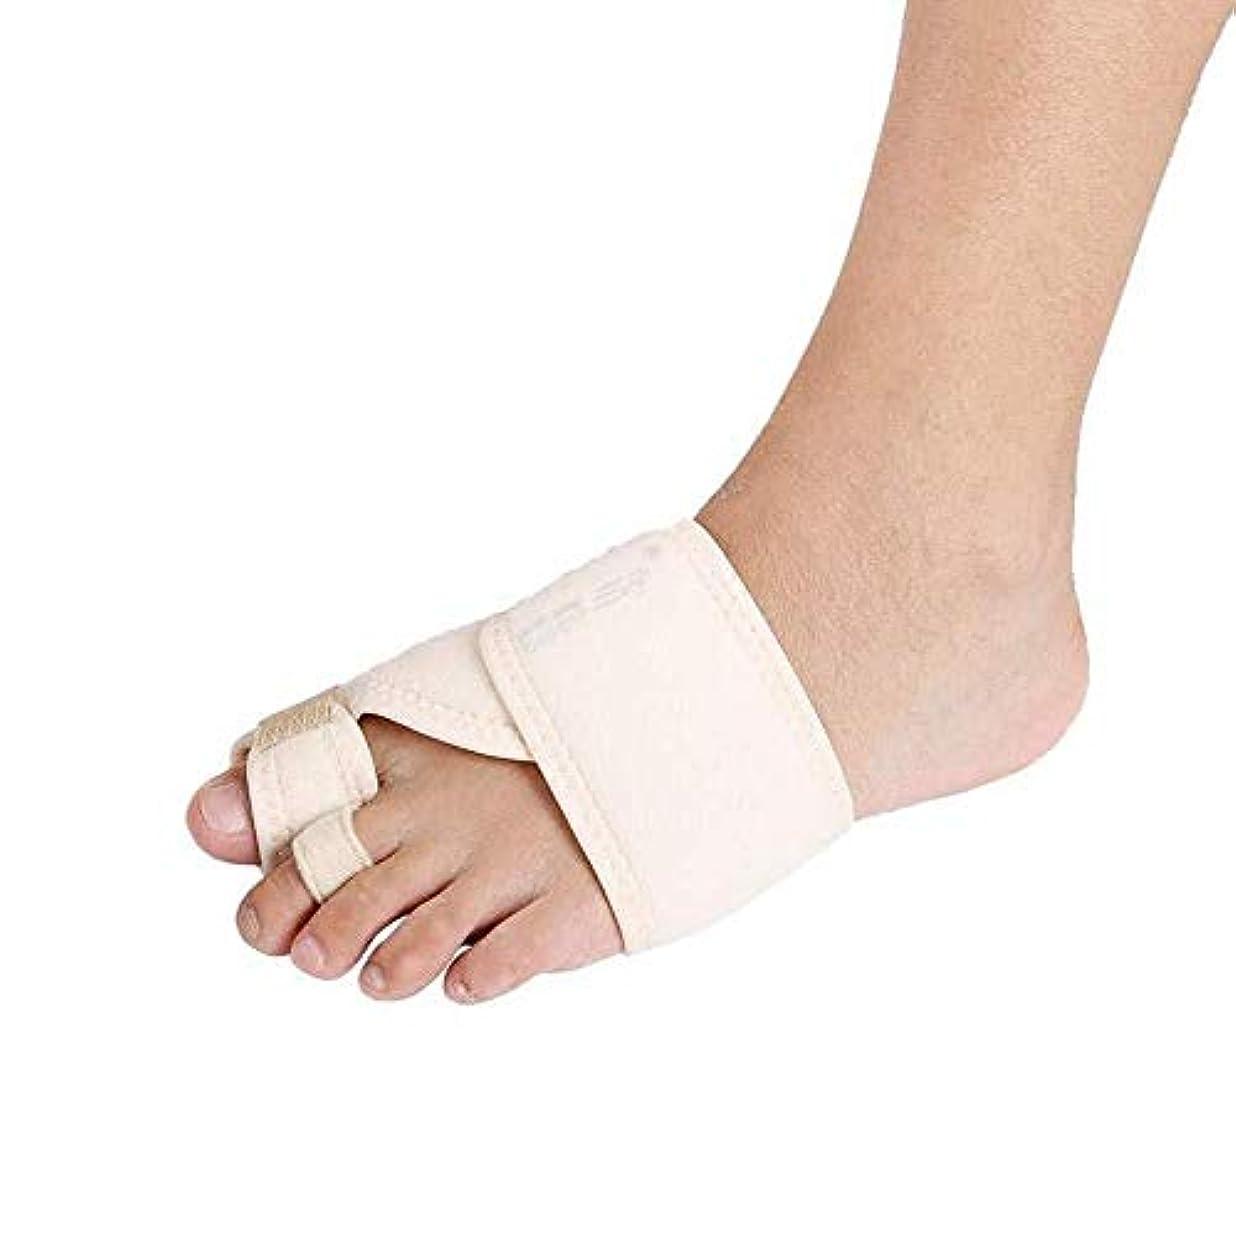 セーブホームレス専門用語外反母ortho装具、肘装具、外反母hall、外反母gus、女性および男性用の外反母reliefリリーフ,Left Foot